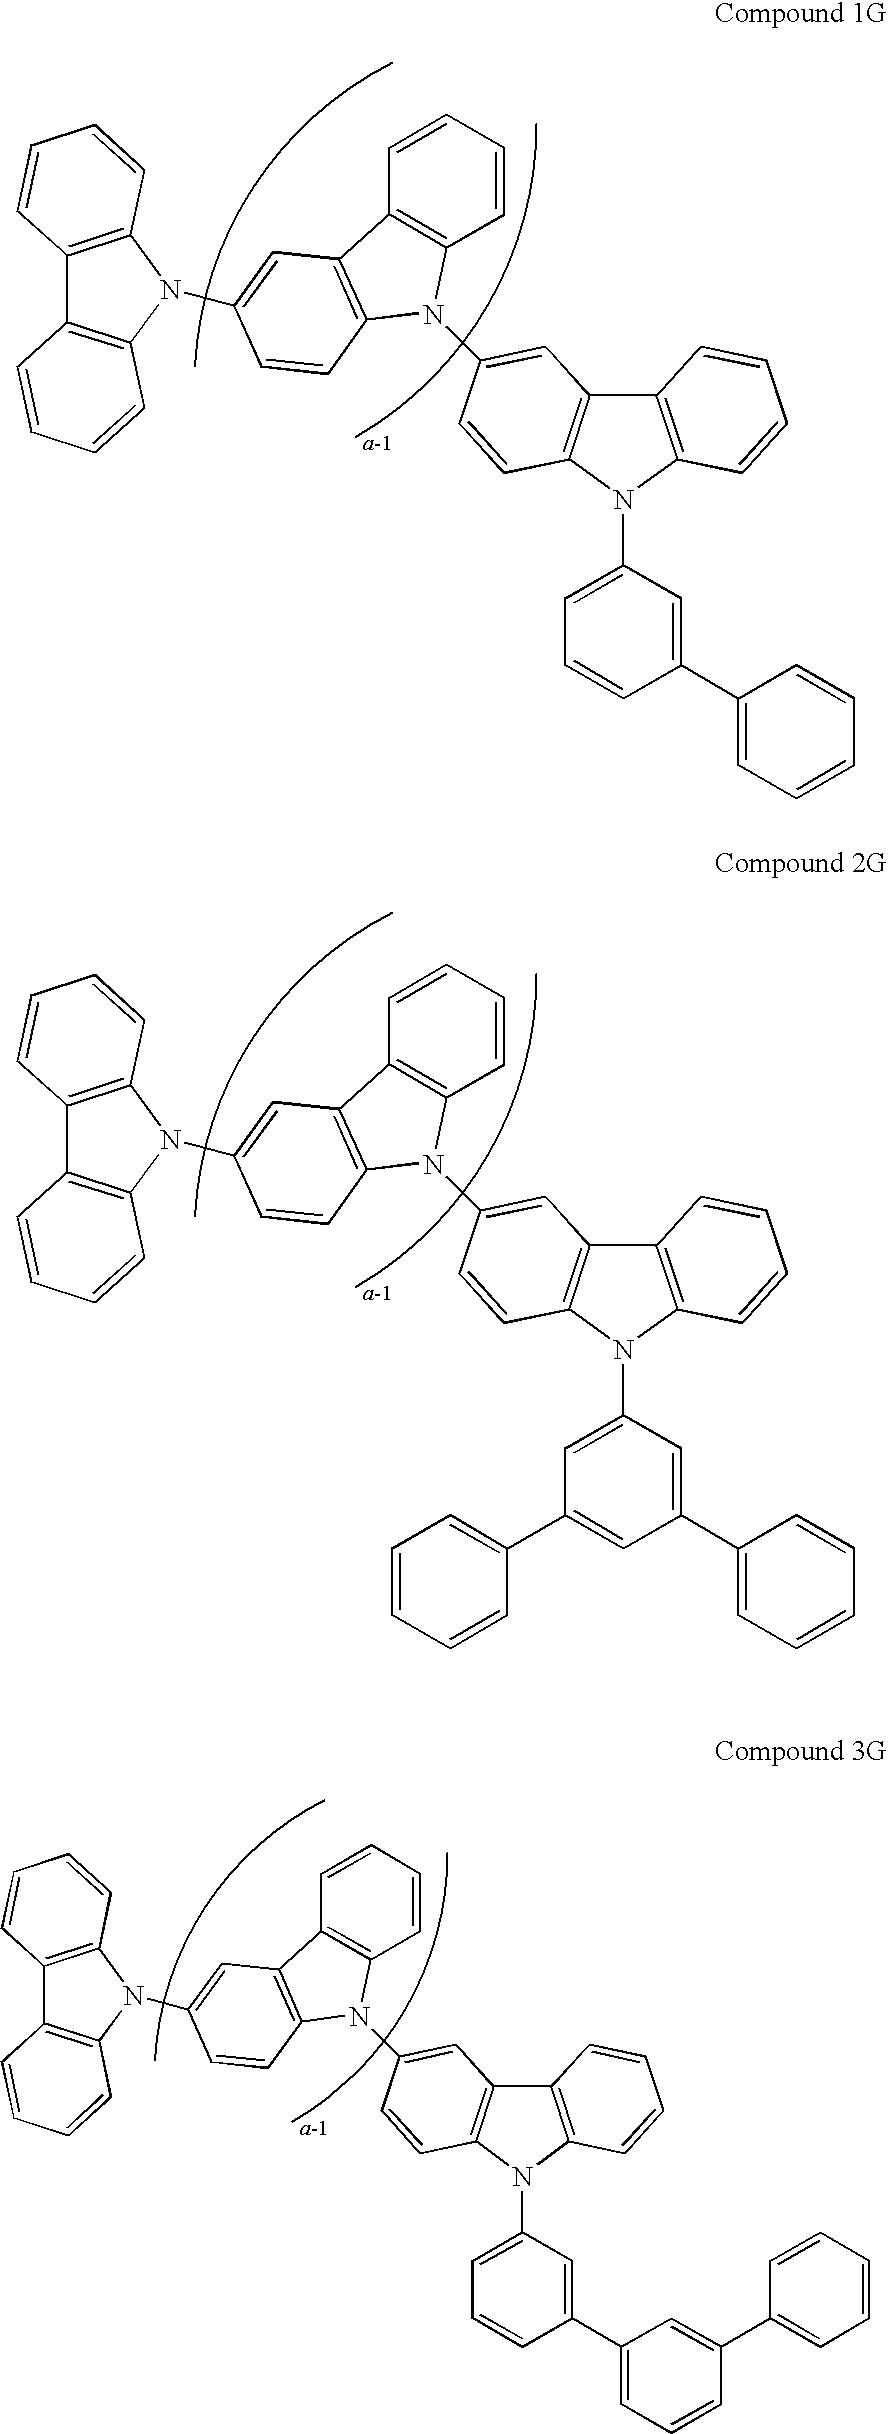 Figure US20090134784A1-20090528-C00004